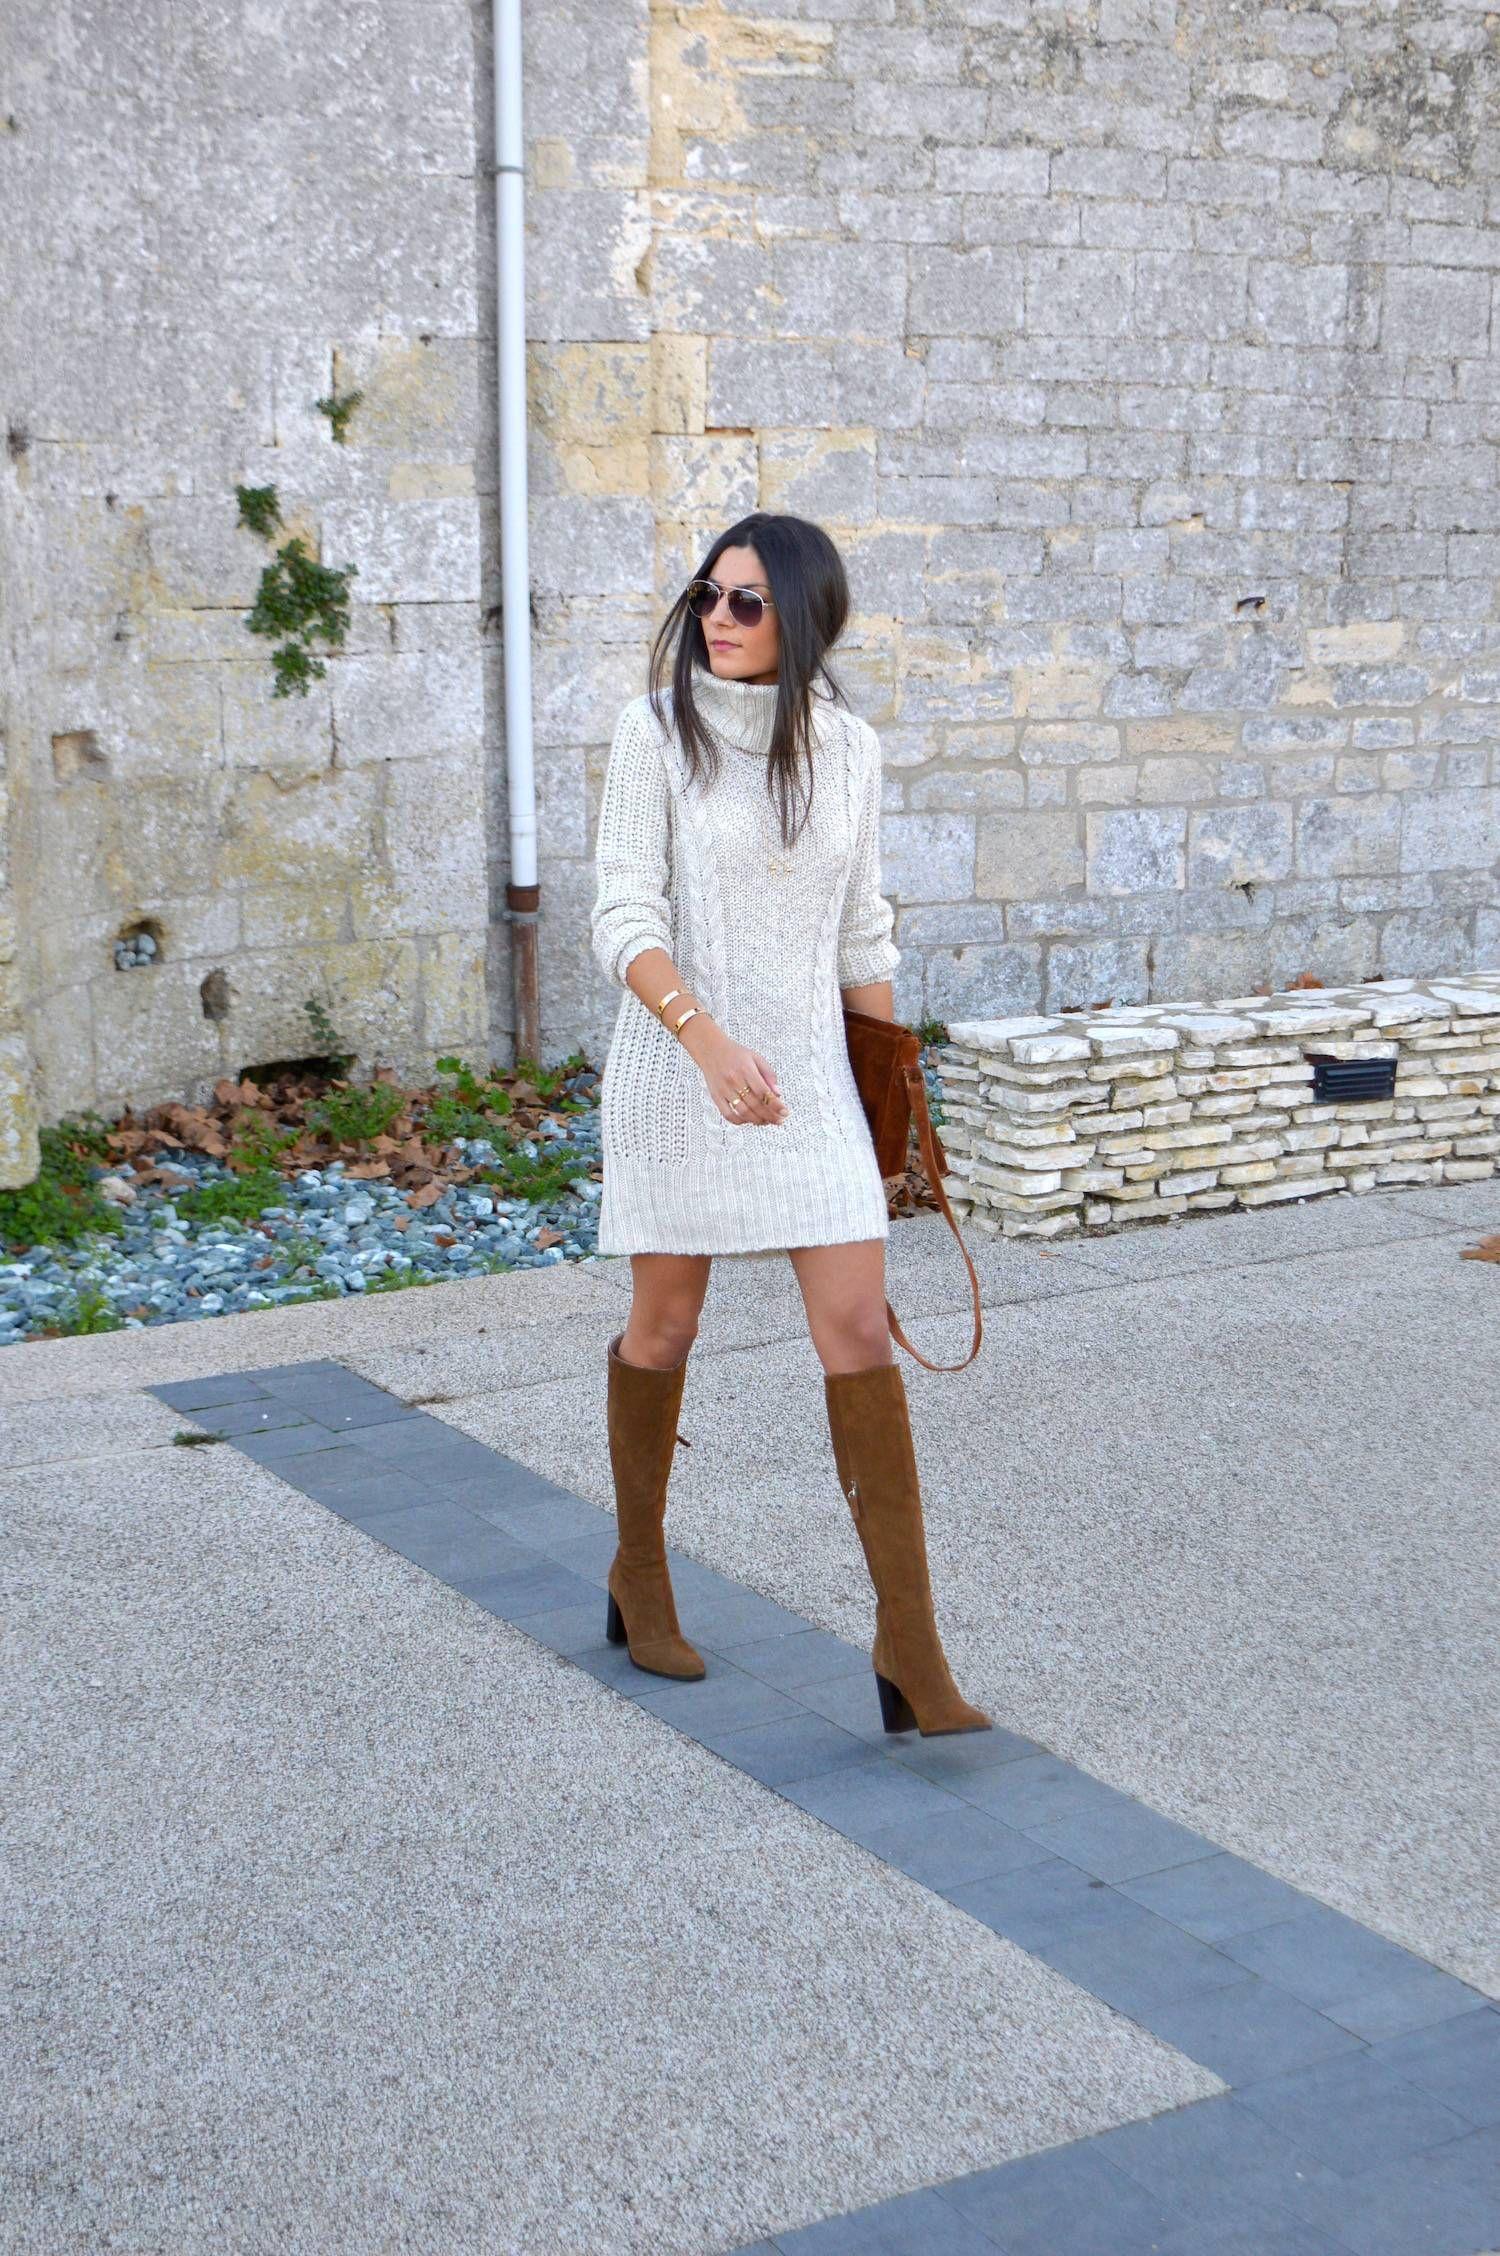 porter la robe pull   Winter Style   Mode en 2018   Pinterest   Robe ... 664aec829966